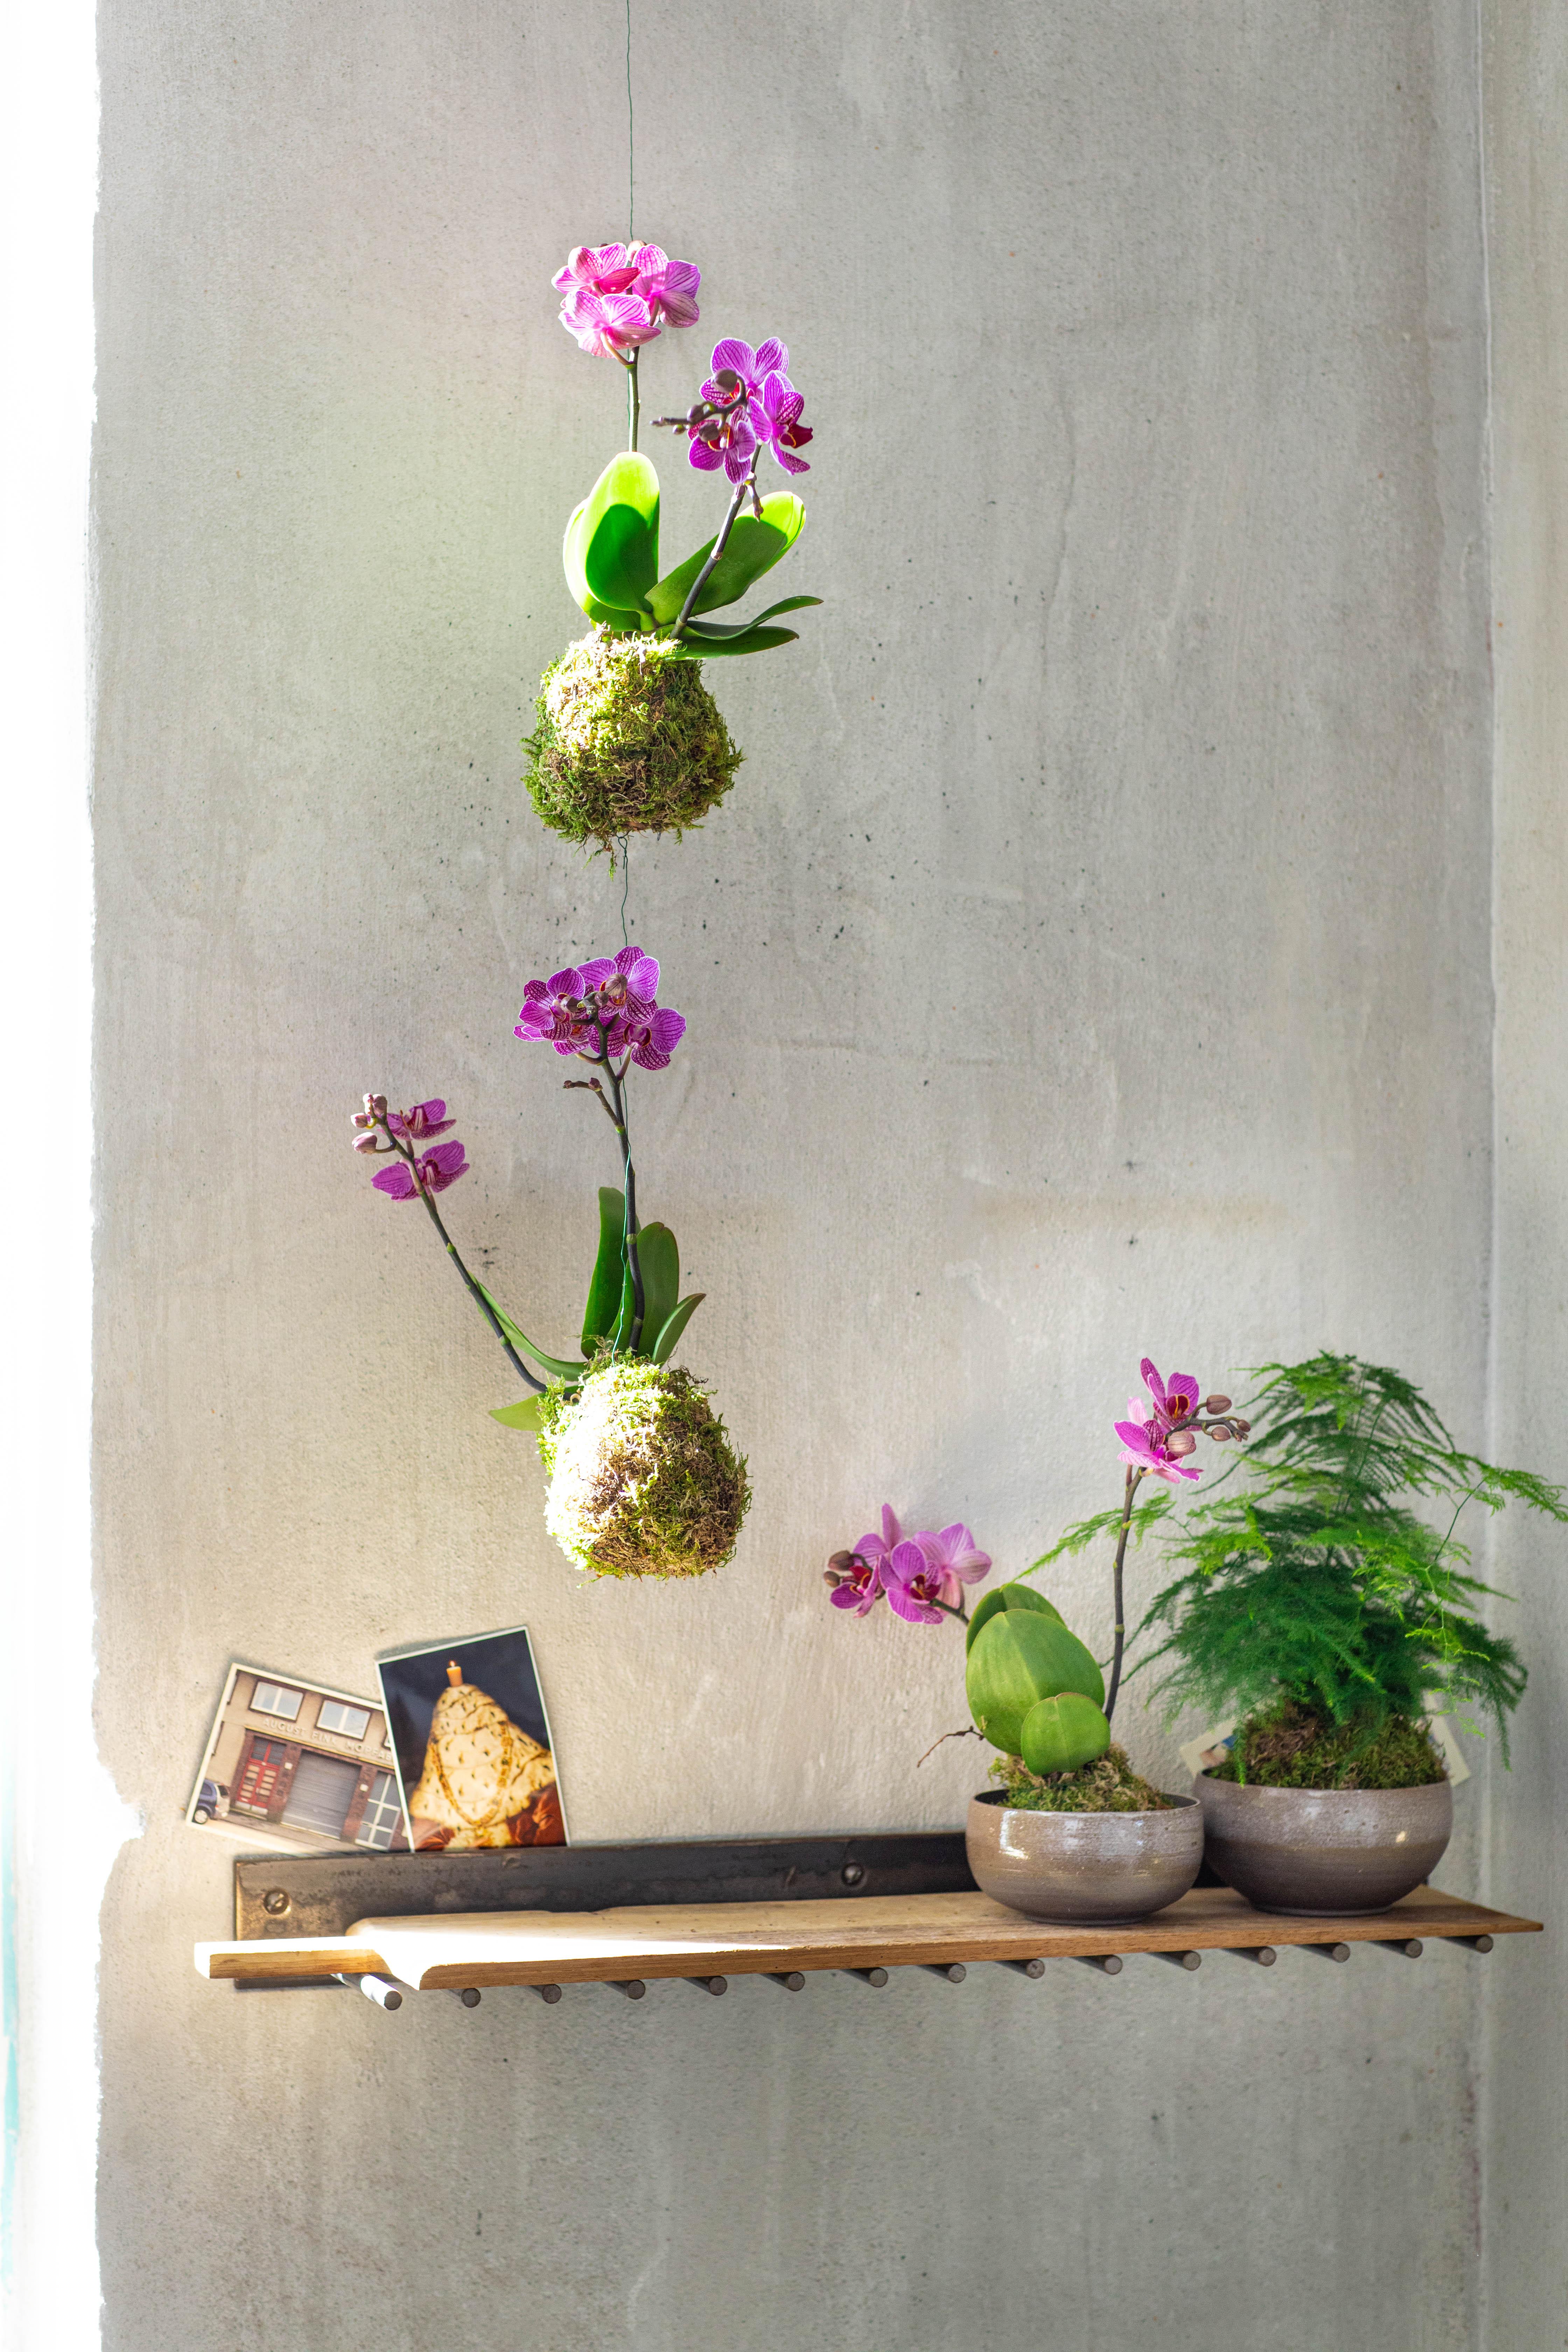 Orchidee-shopper activatie met Blume2000